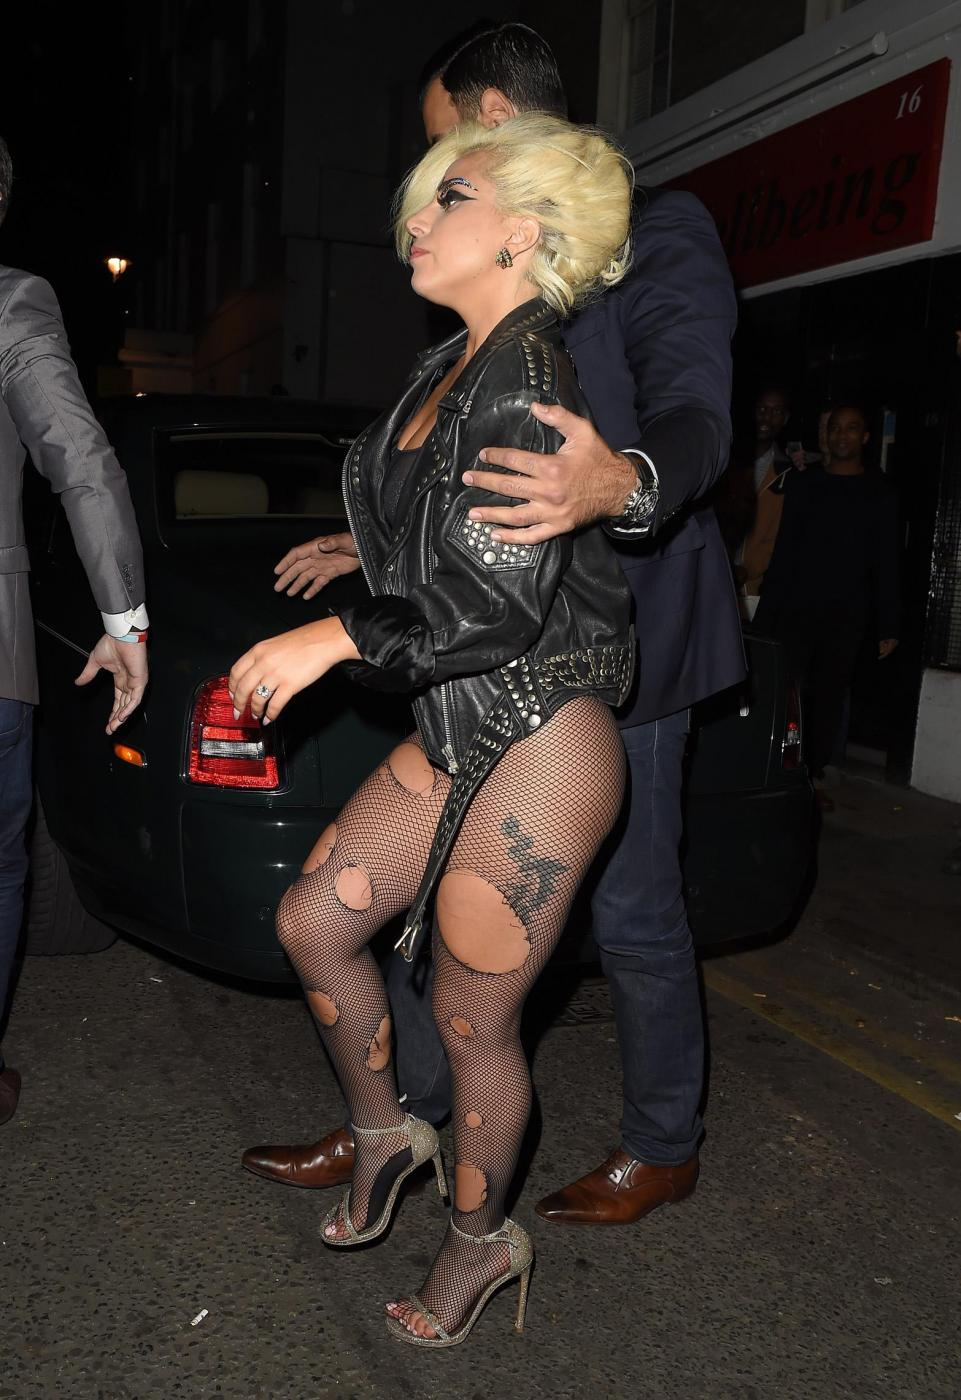 Lady Gaga, calze rotte e body trasparente in giro per Londra FOTO 12